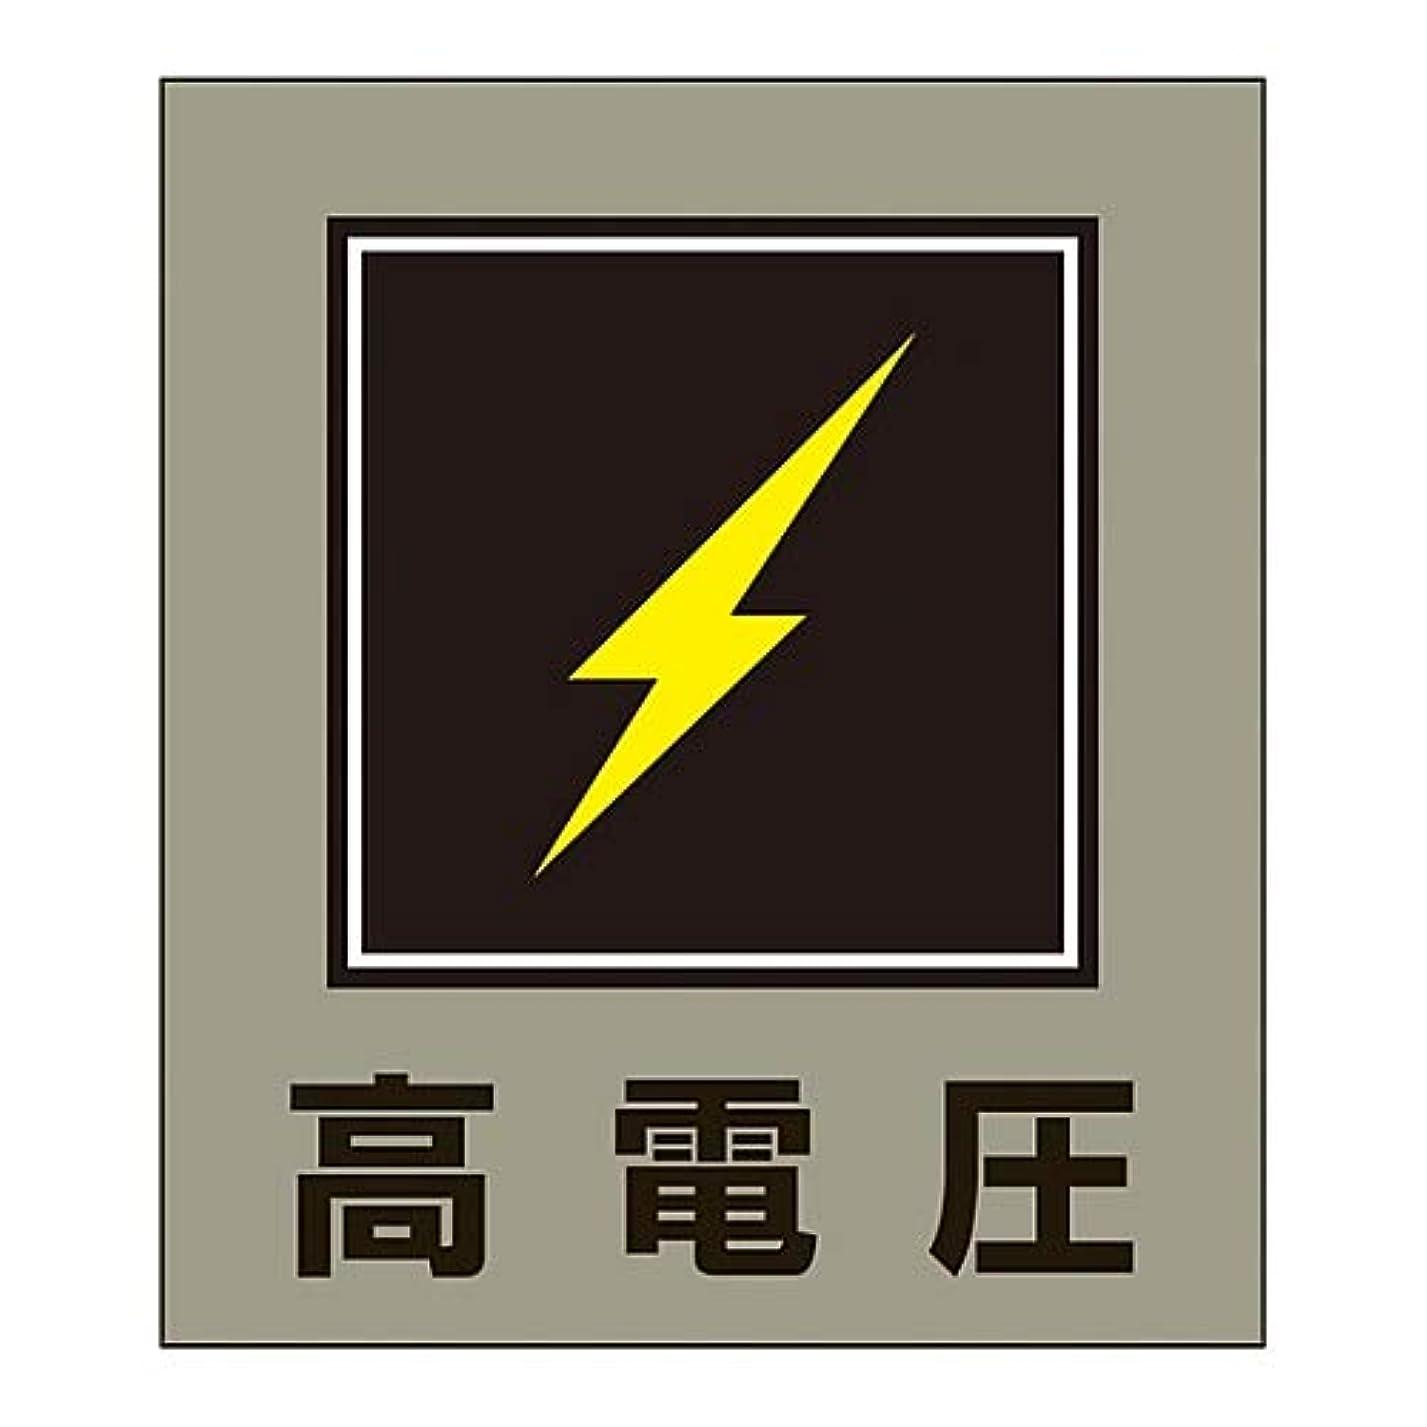 通り抜けるダルセット伝記外国語ステッカー GK-11(高電圧)/61-3412-97